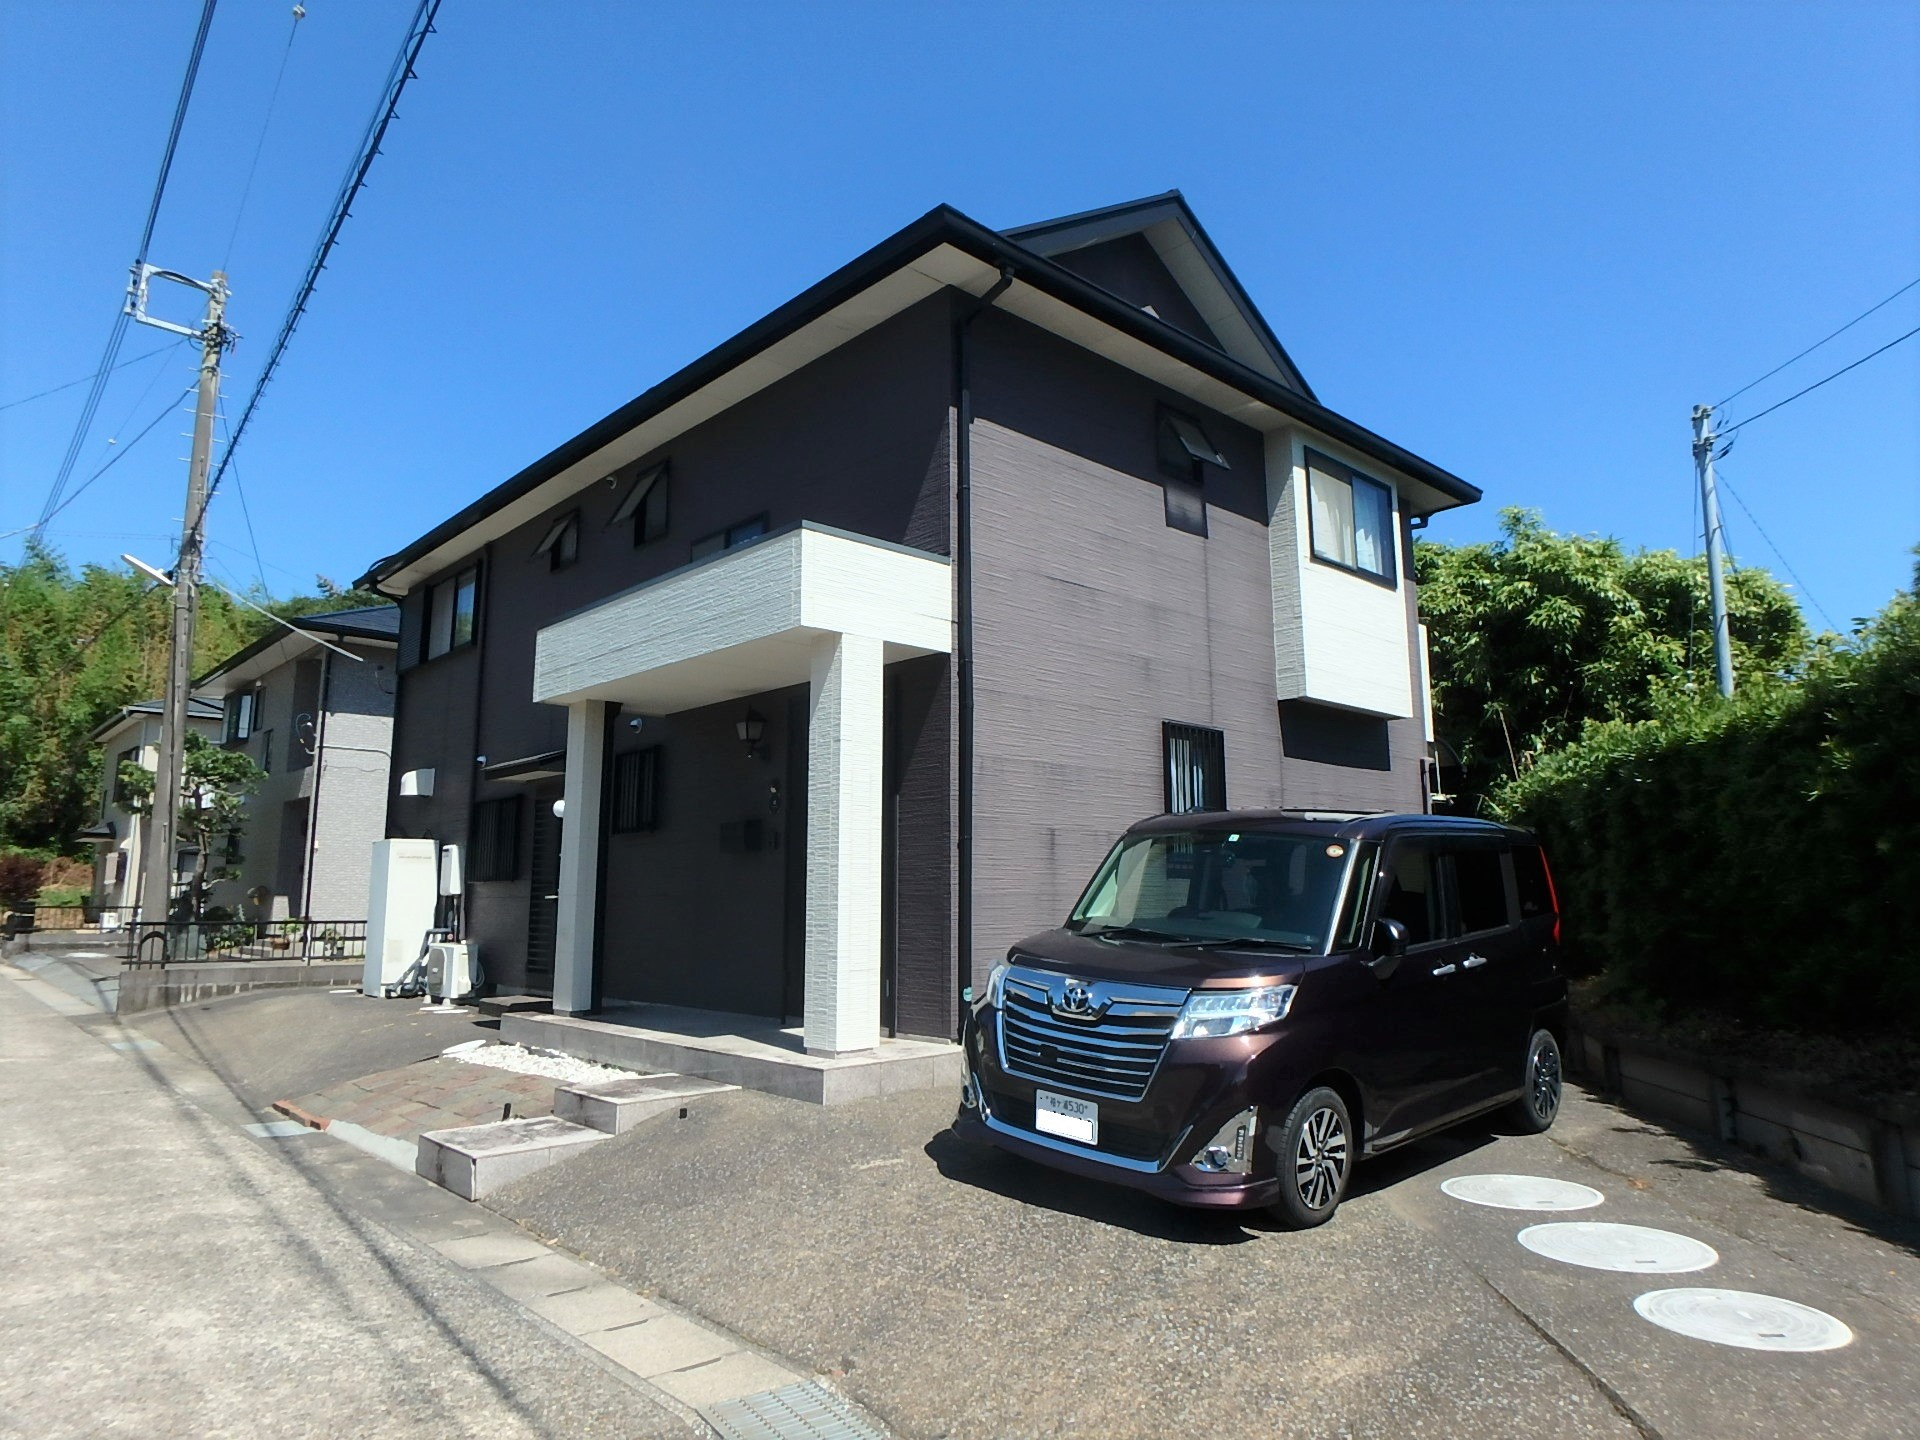 千葉県鴨川市太尾の不動産、中古戸建て、移住、新着